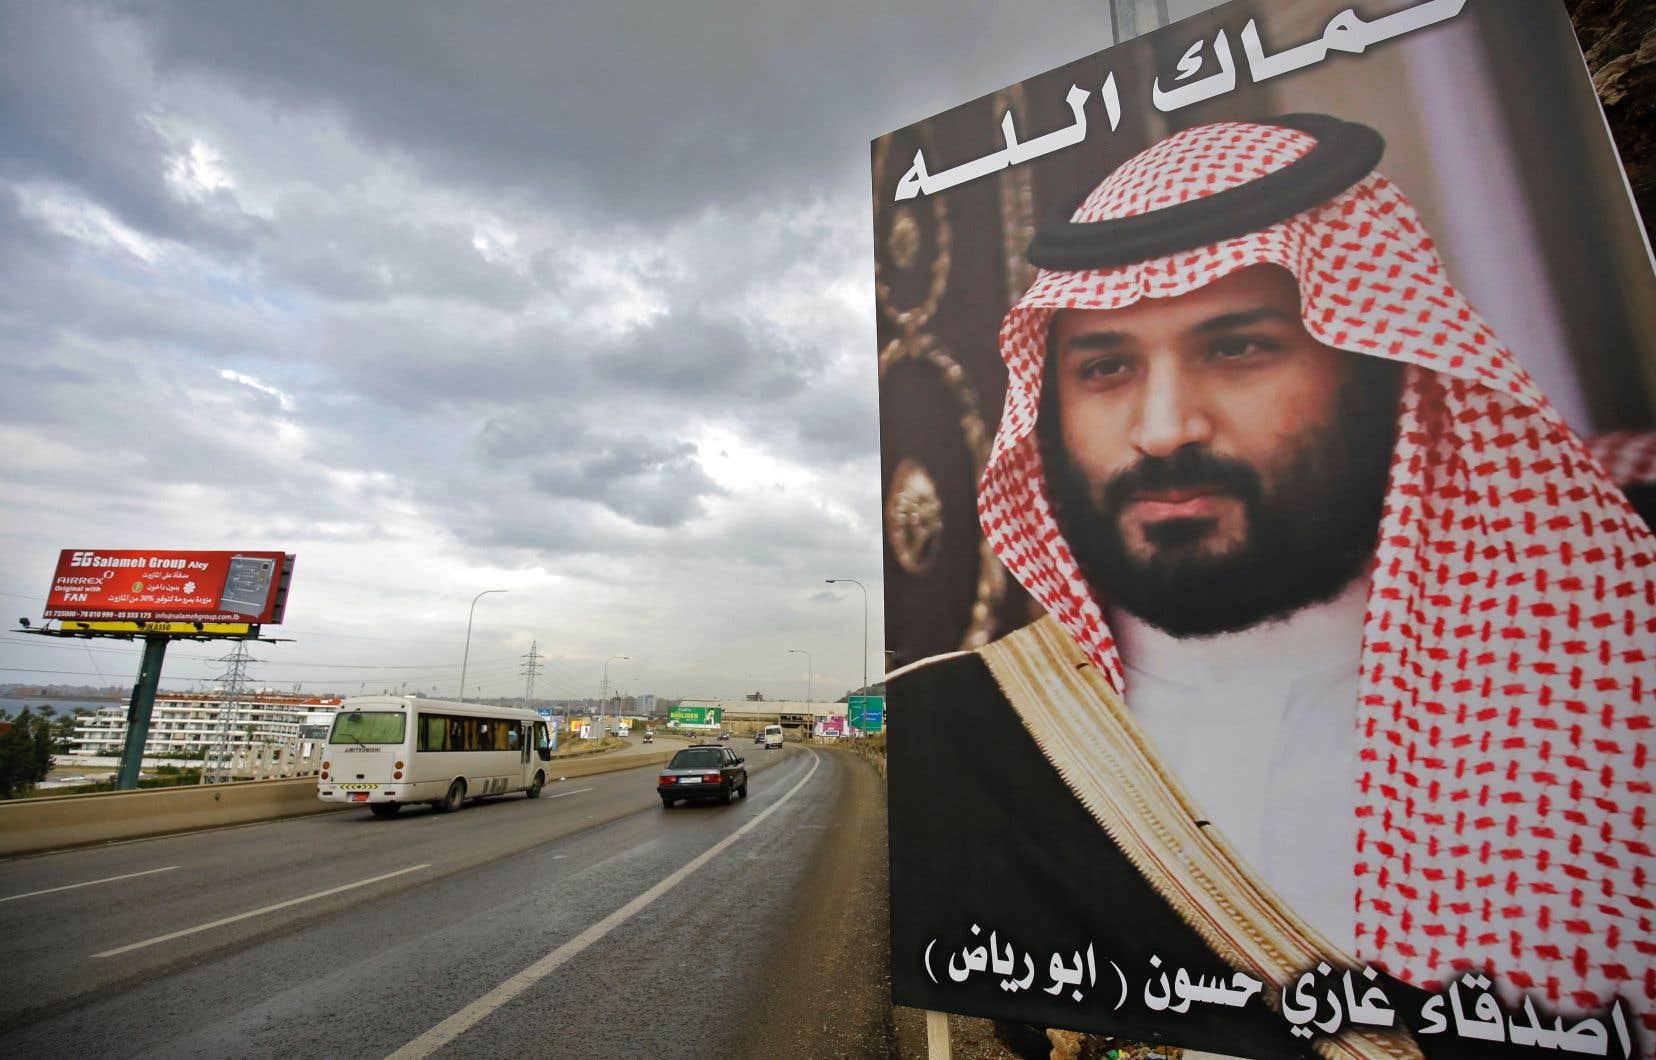 Cette annonce intervient sur fond de réformes choc dans le royaume ultraconservateur sous l'impulsion du jeune prince héritier Mohamed ben Salmane.